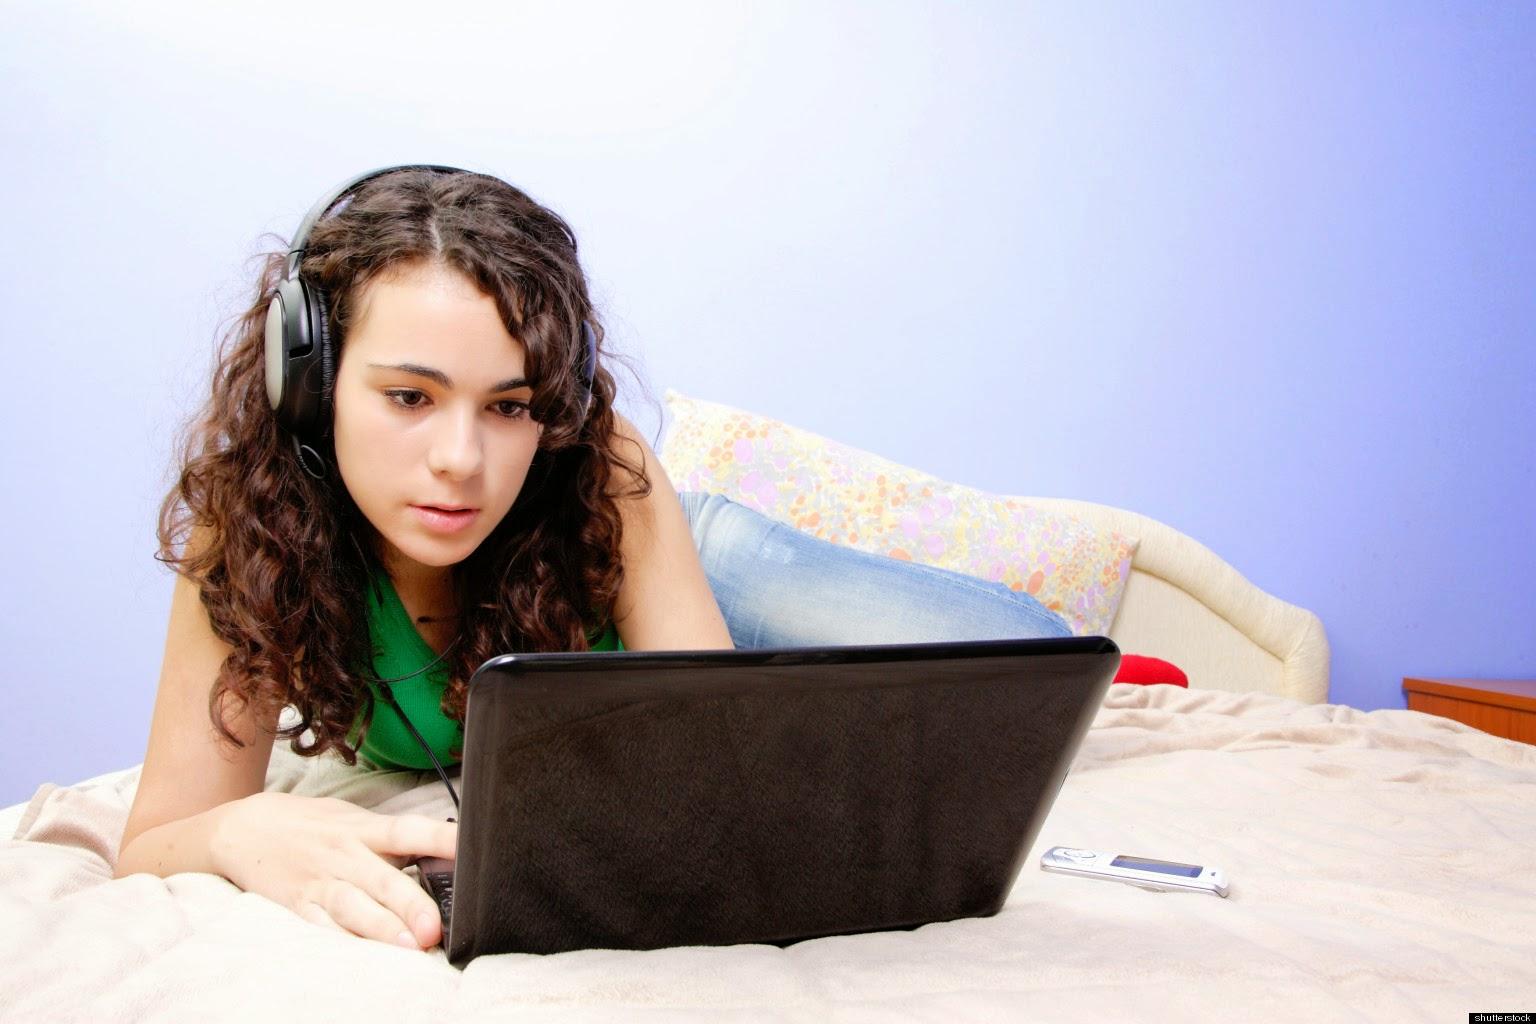 Вирт секс по скайпу: бесплатные знакомства по веб-камере